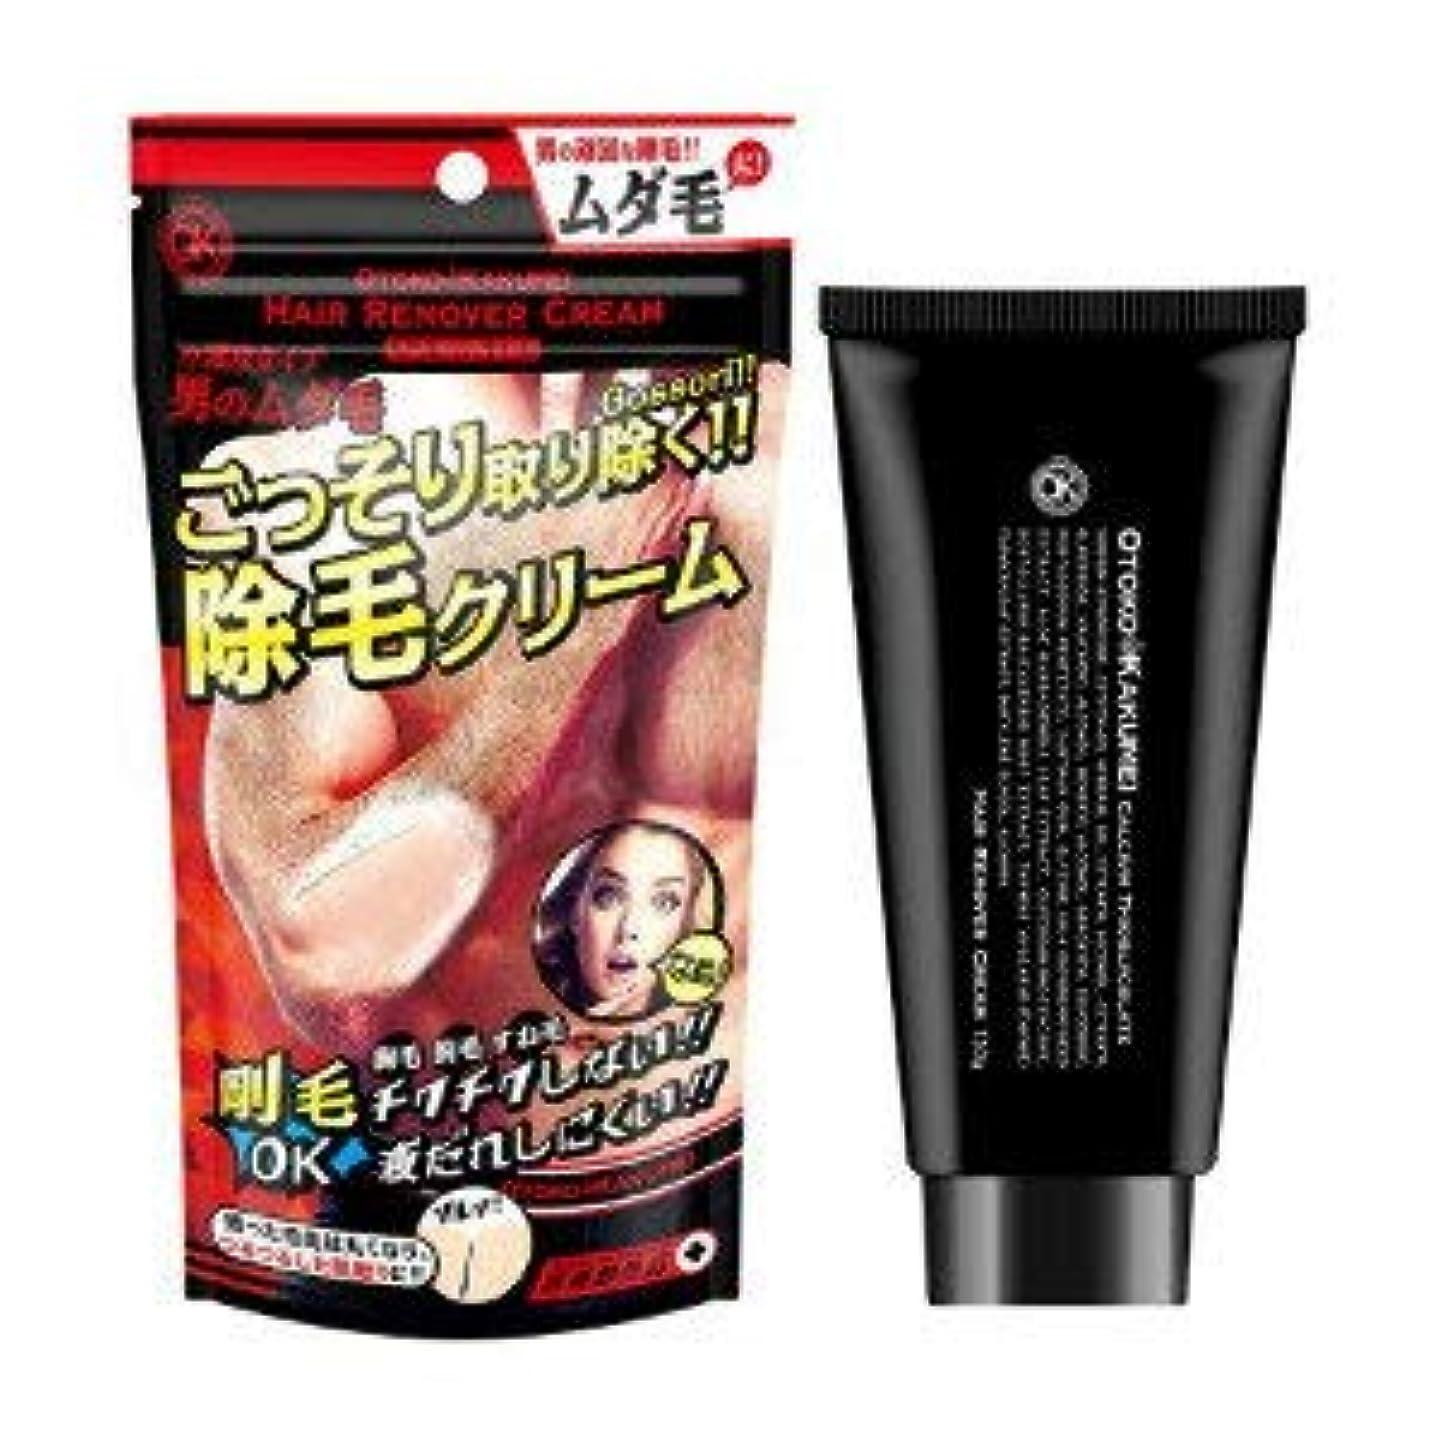 想起協力的テレビ局GR OTOKO KAKUMEI ヘアリムーバークリーム 130g×3個セット (医薬部外品)